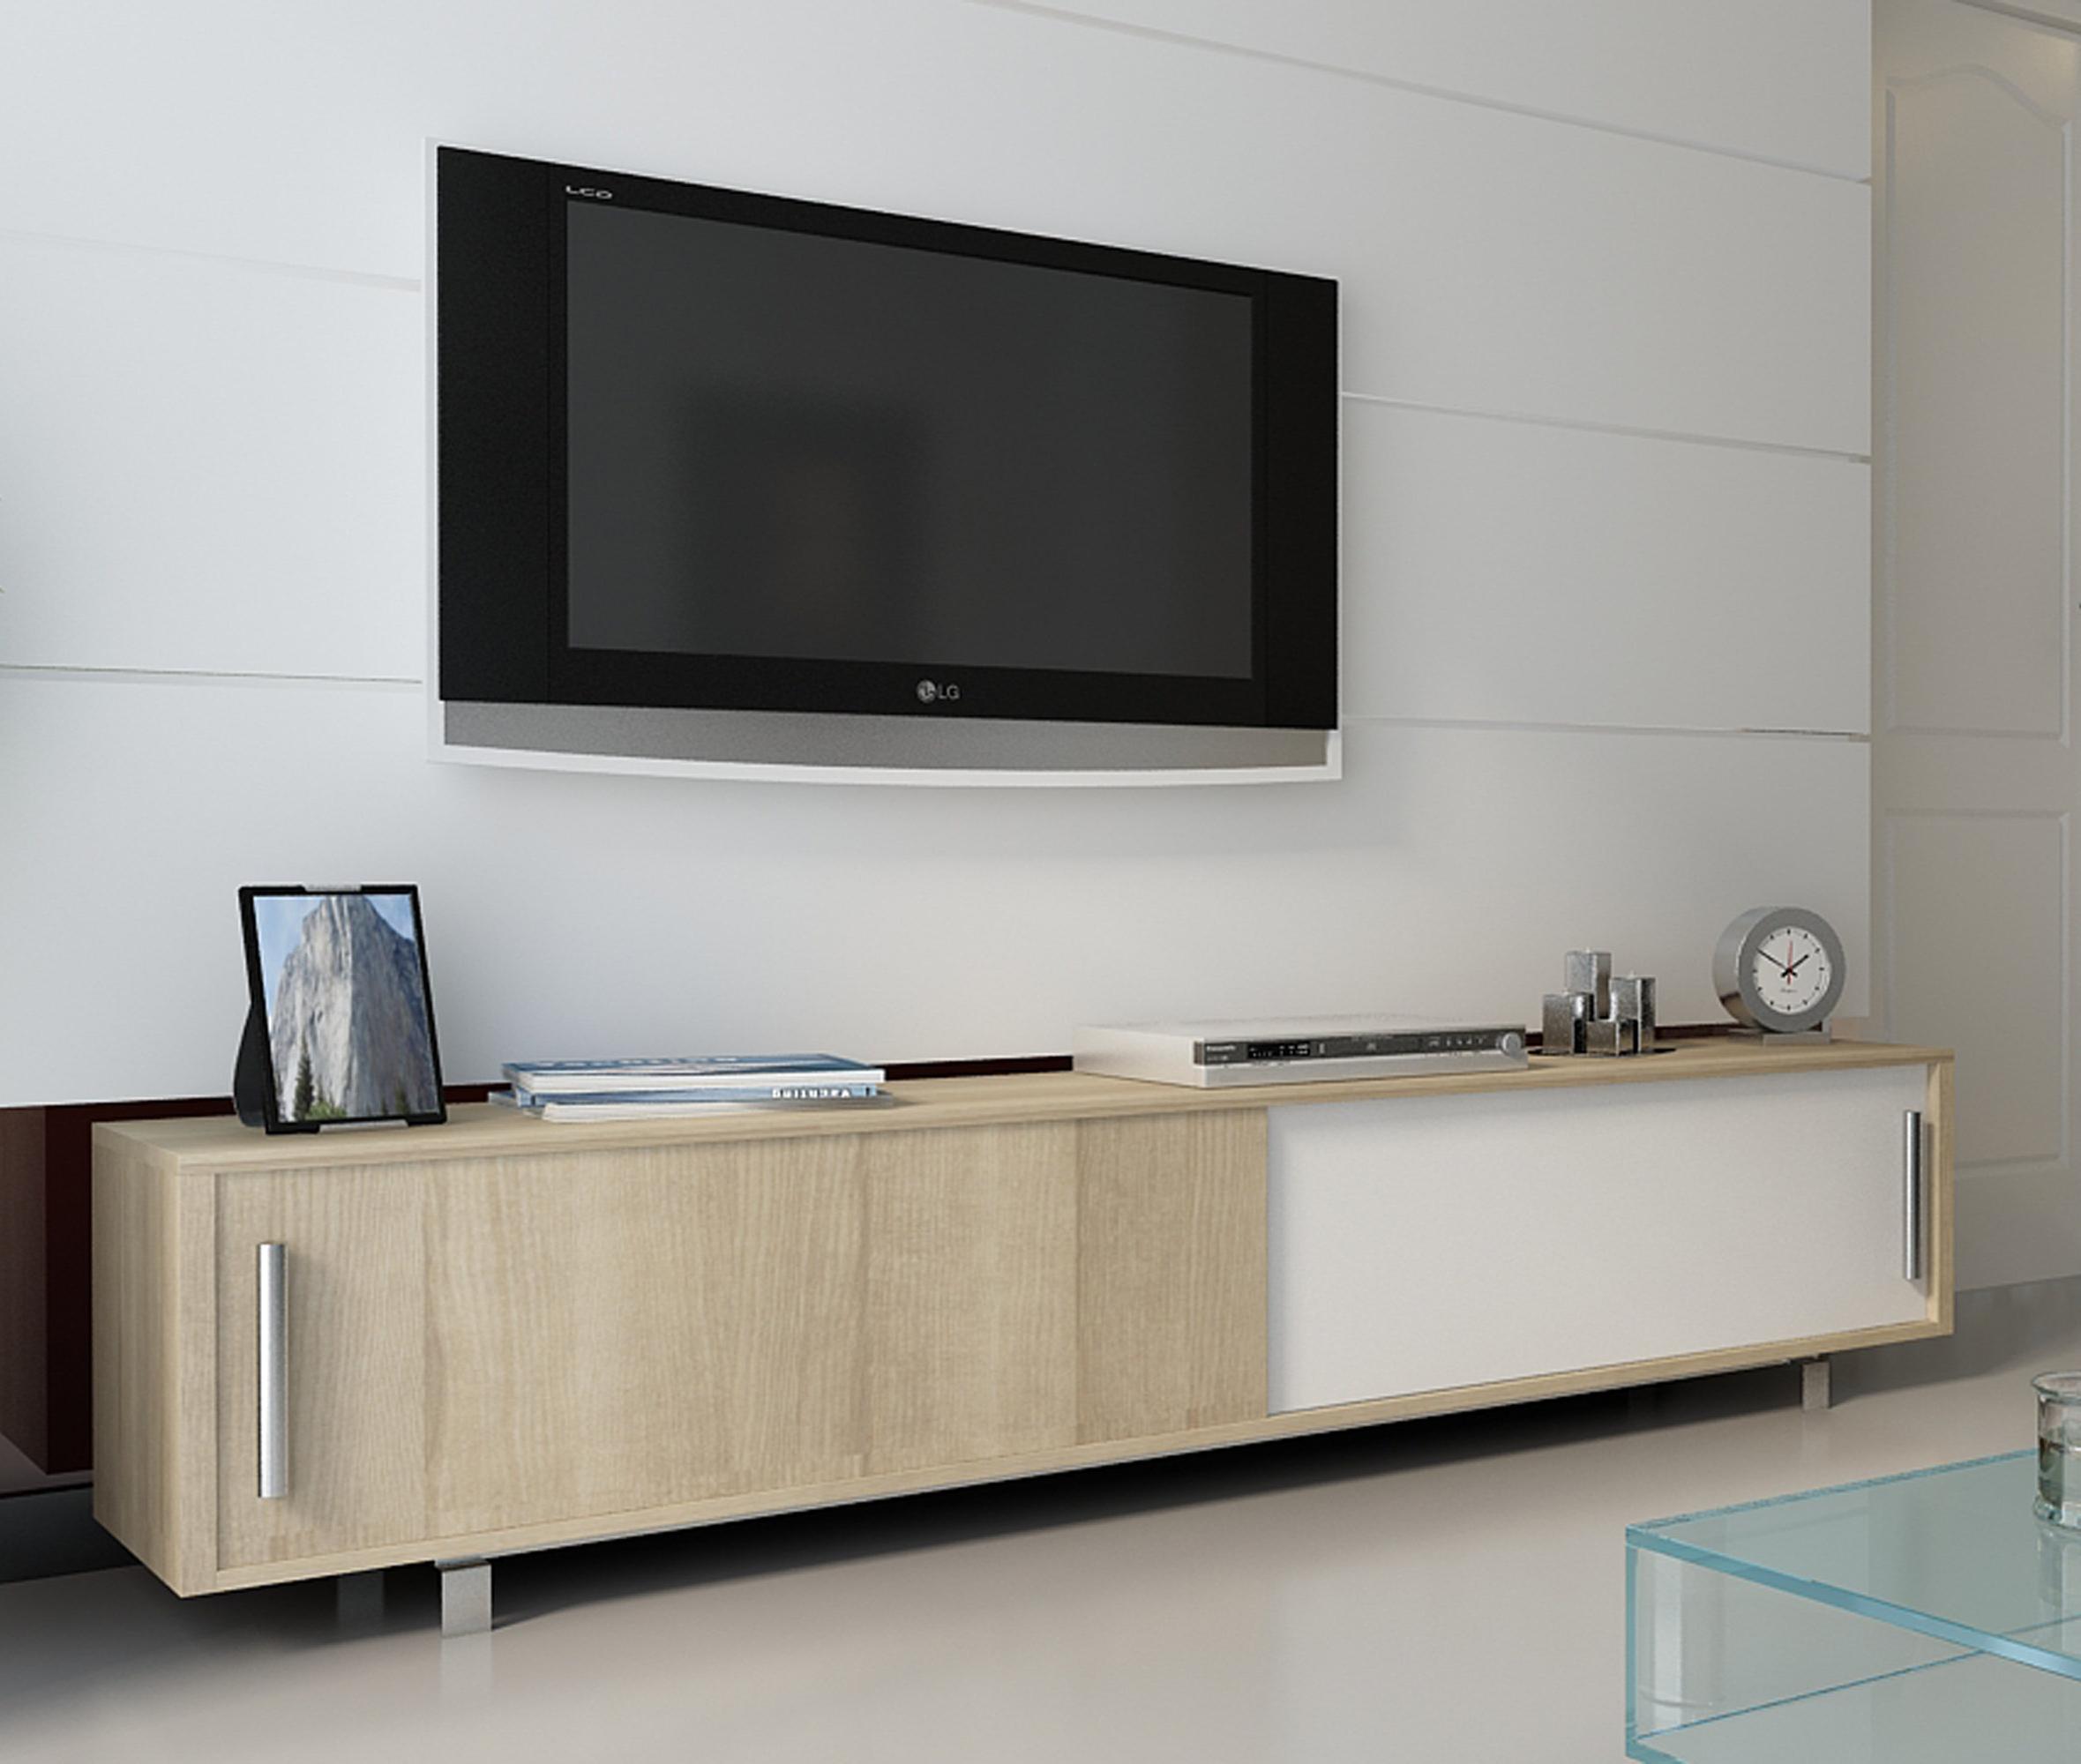 Allmodern Regarding Annabelle Cream 70 Inch Tv Stands (View 2 of 20)